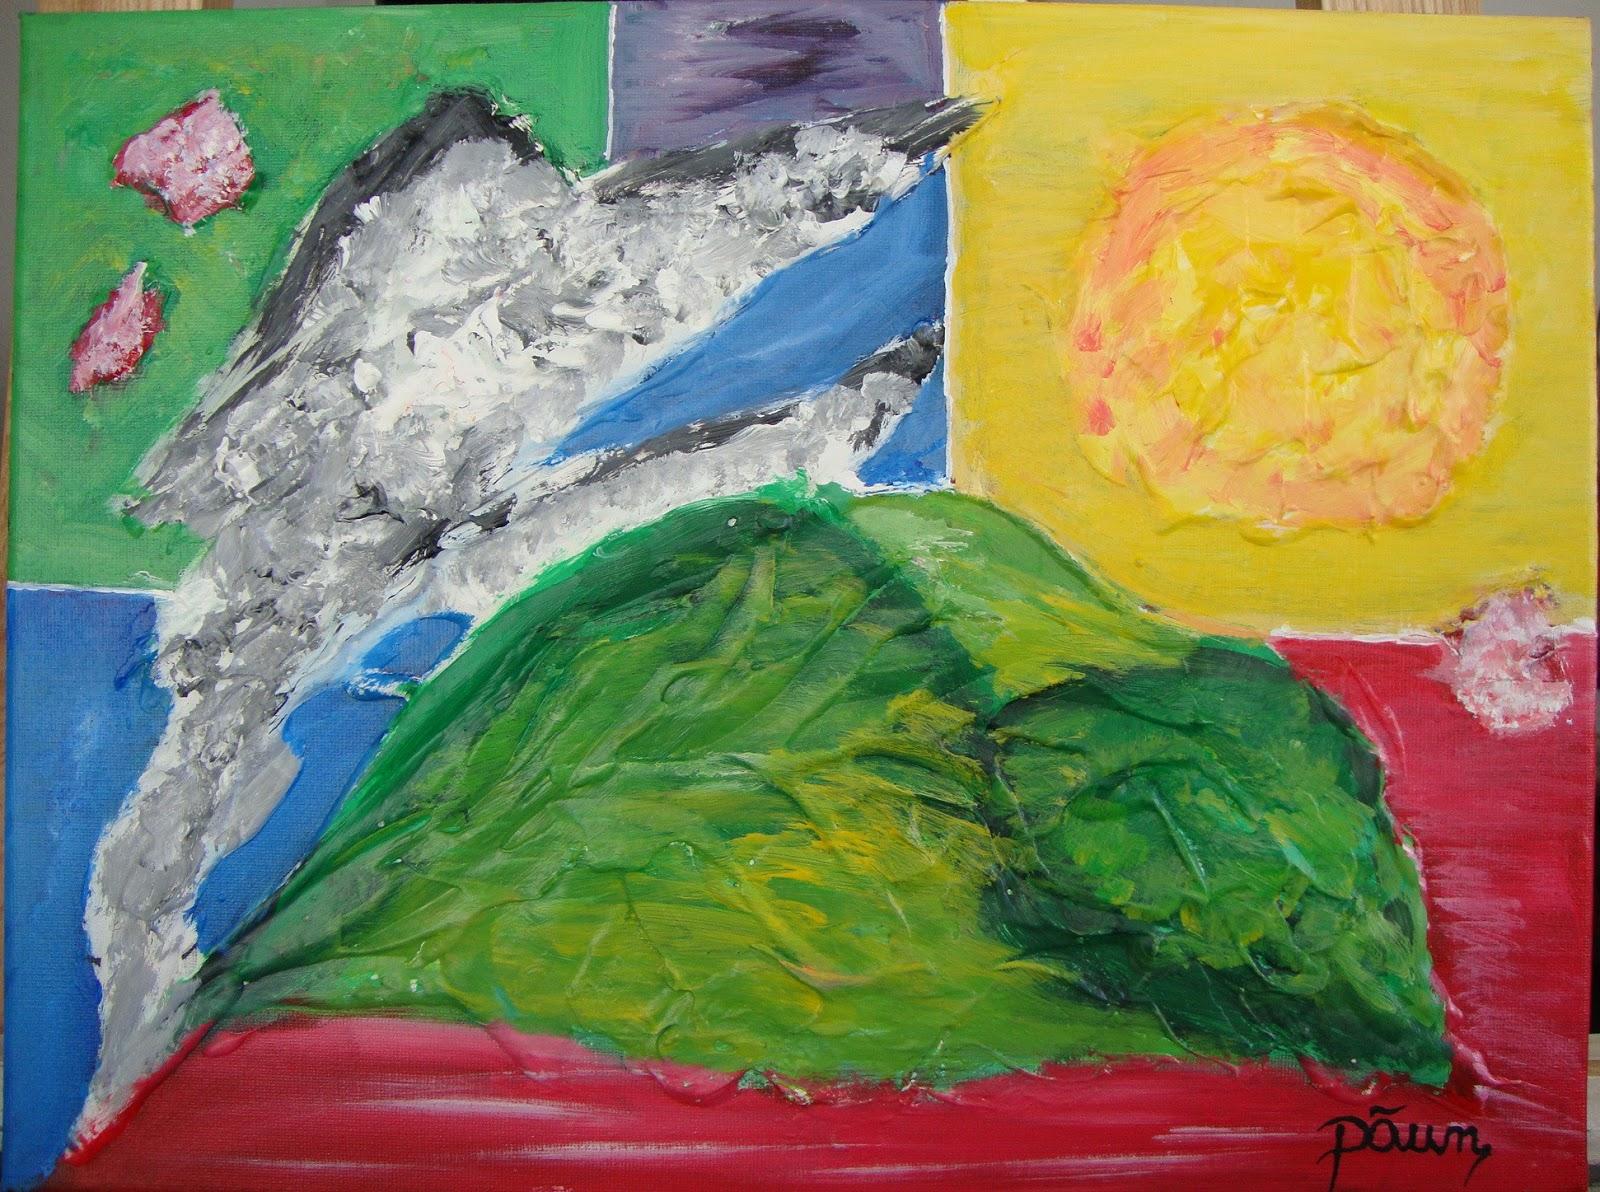 Paun art cuadro de colores abstracto decoracion 30 x - Cuadros abstractos paso a paso ...